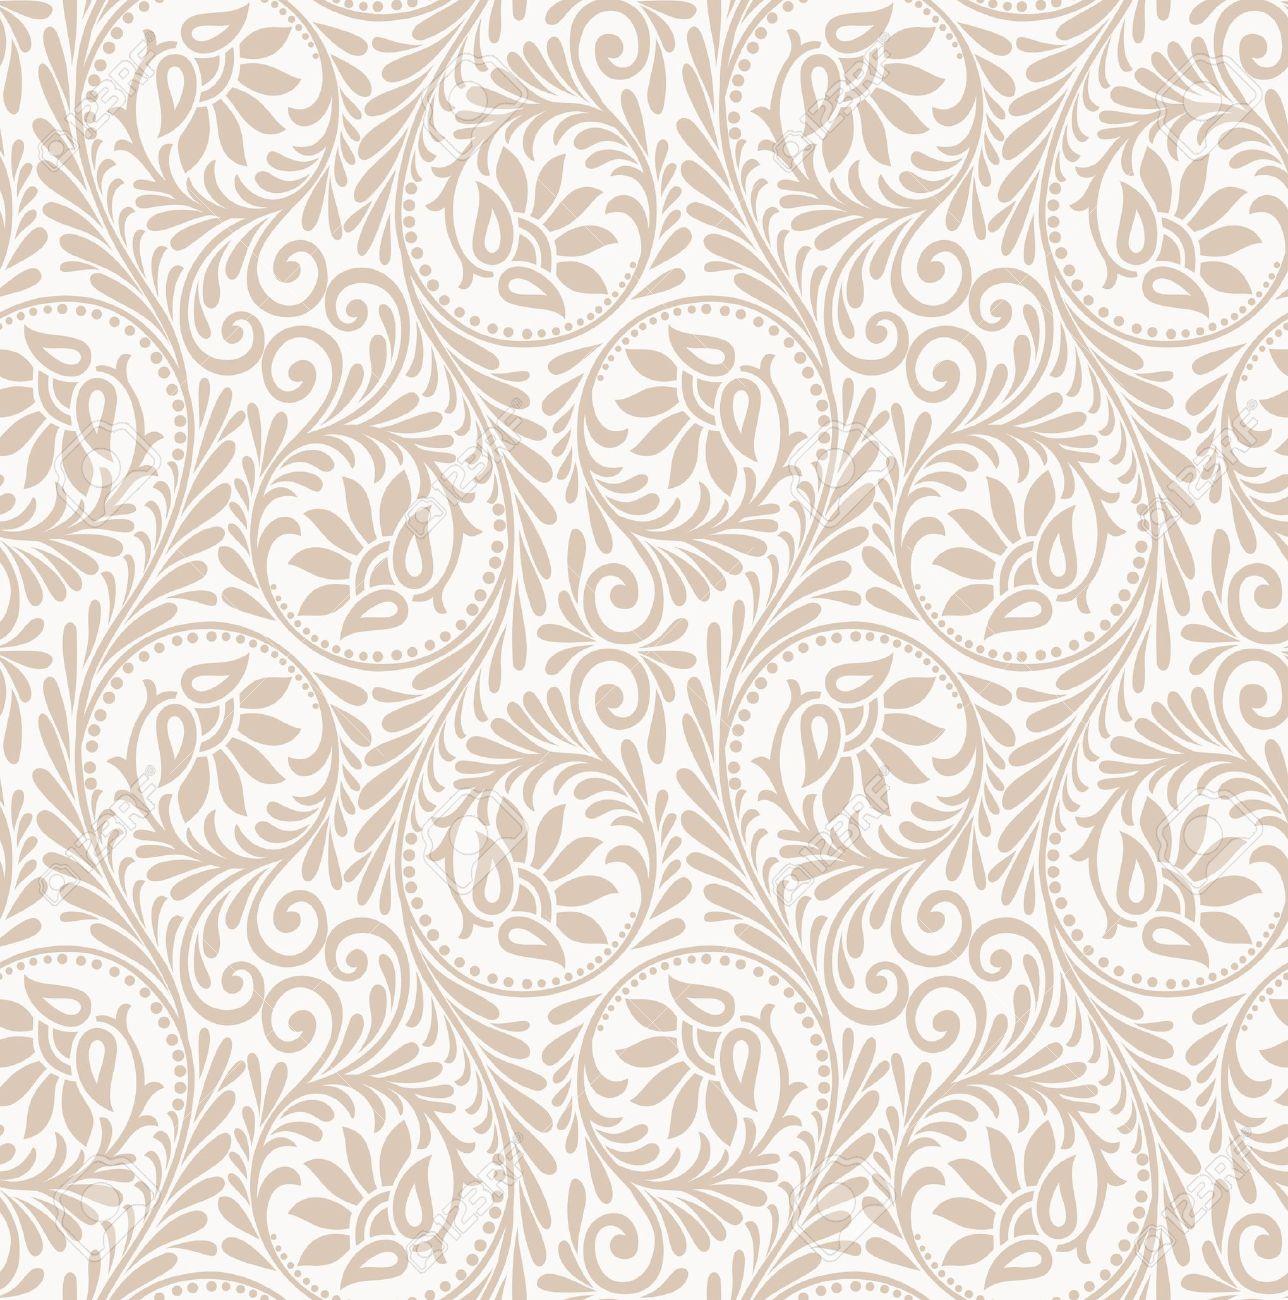 Floral Vector Wallpaper Hd